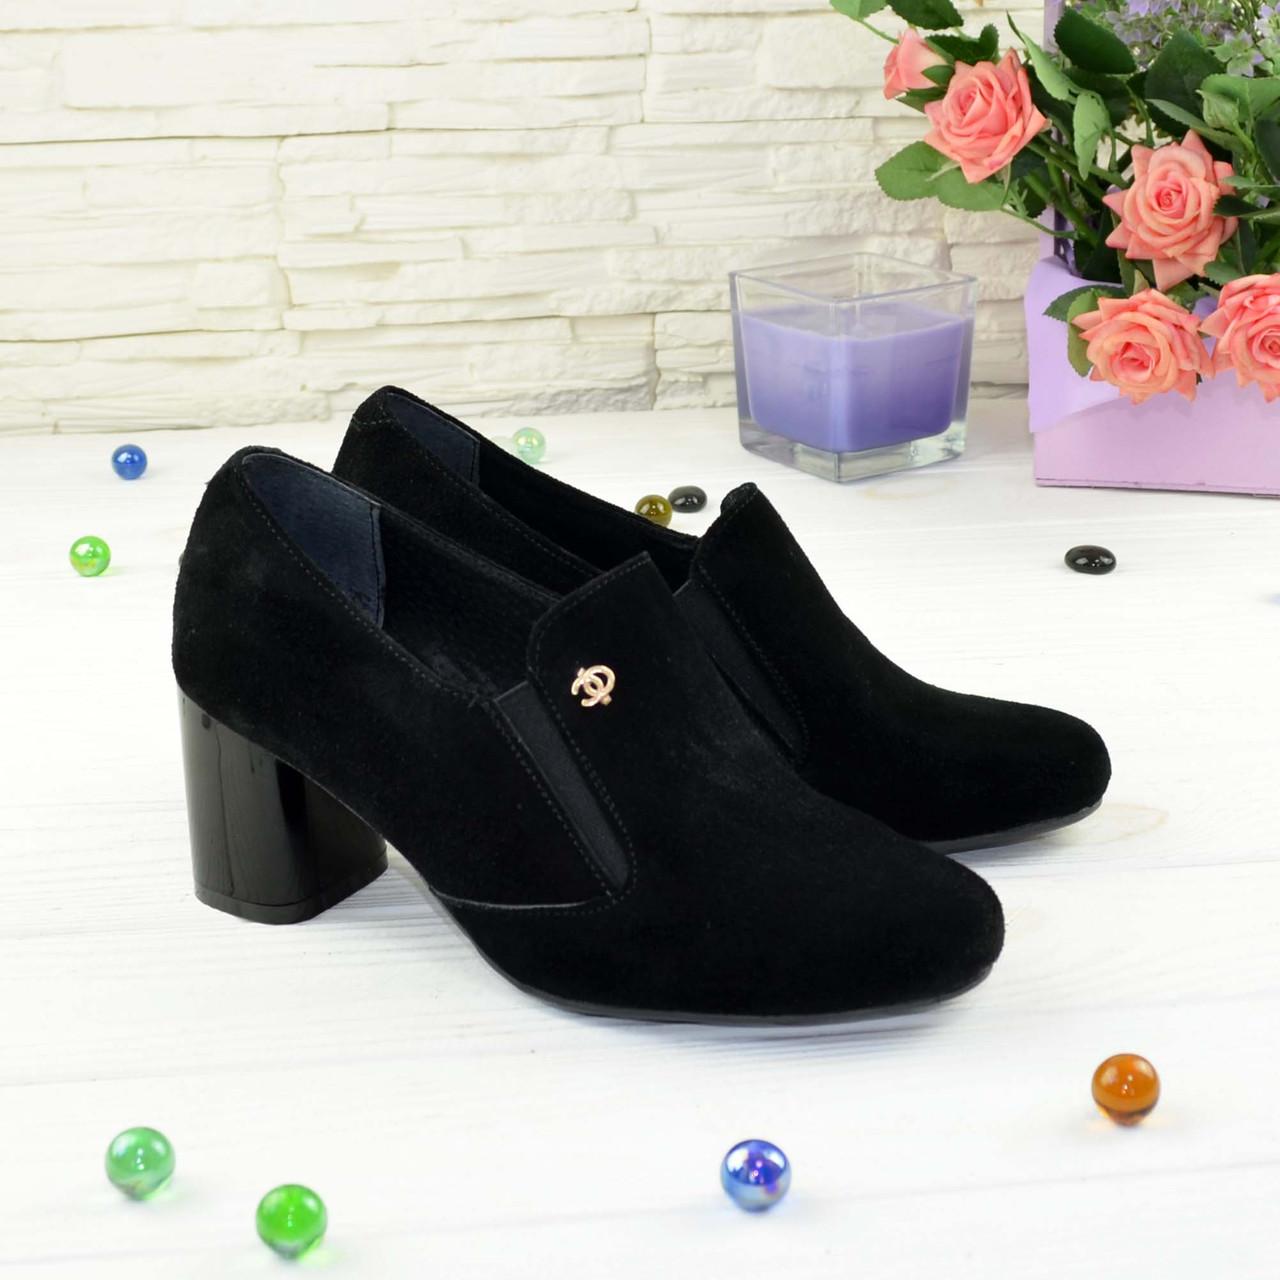 Черные замшевые женские туфли на невысоком каблуке, декорированы фурнитурой